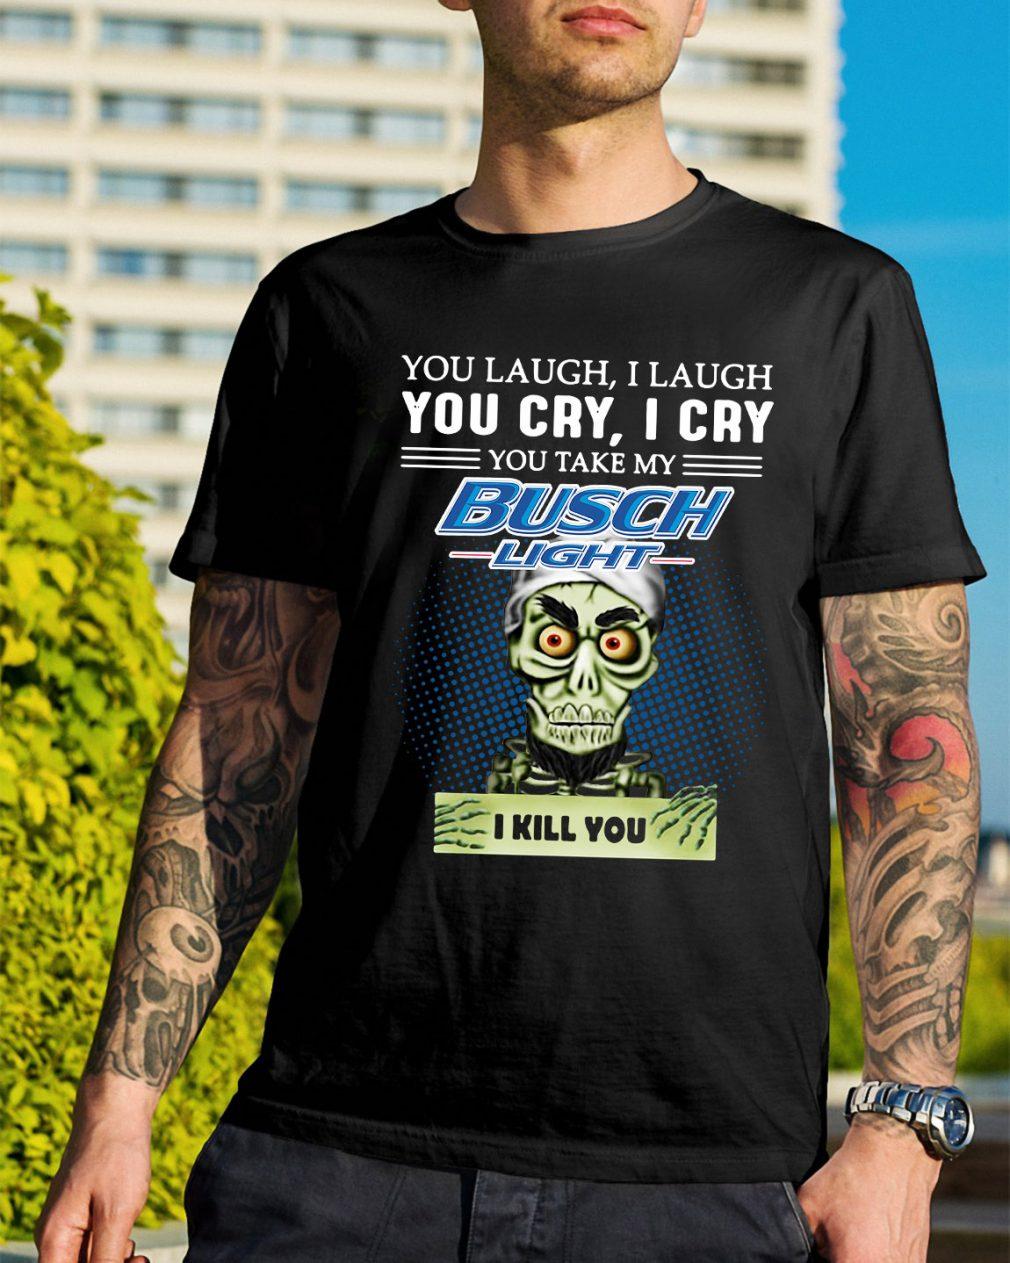 You laugh I laugh you cry I cry you take my Busch Light I kill you shirt